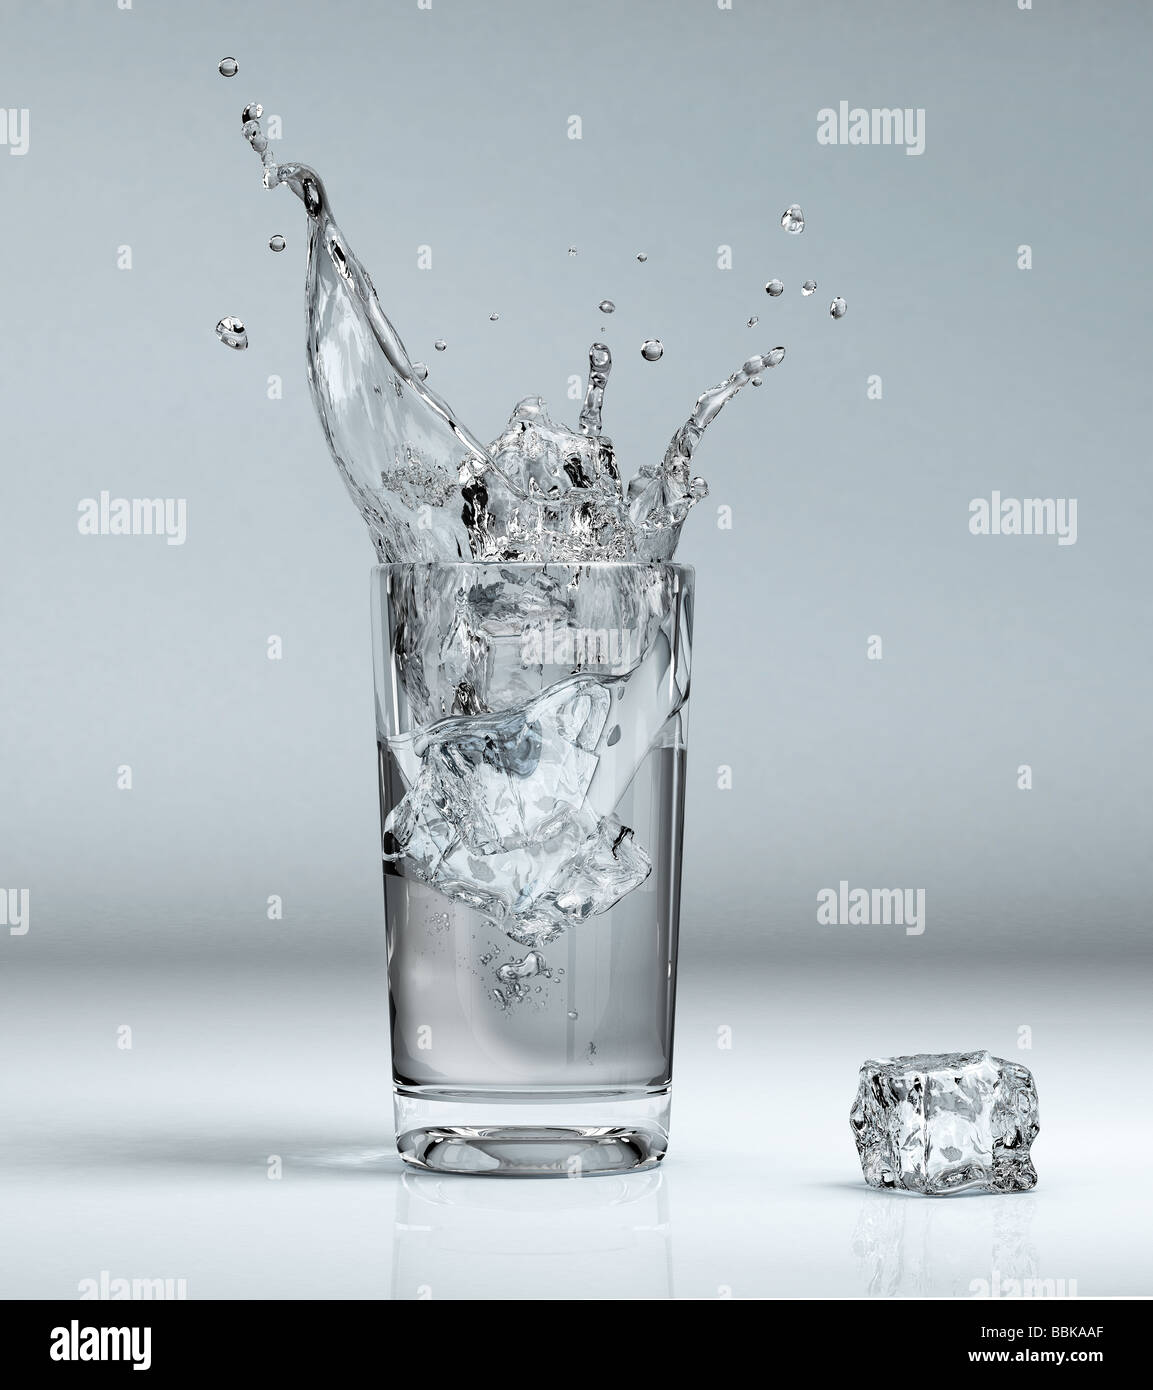 Ice Cube les projections dans un verre plein d'eau Photo Stock